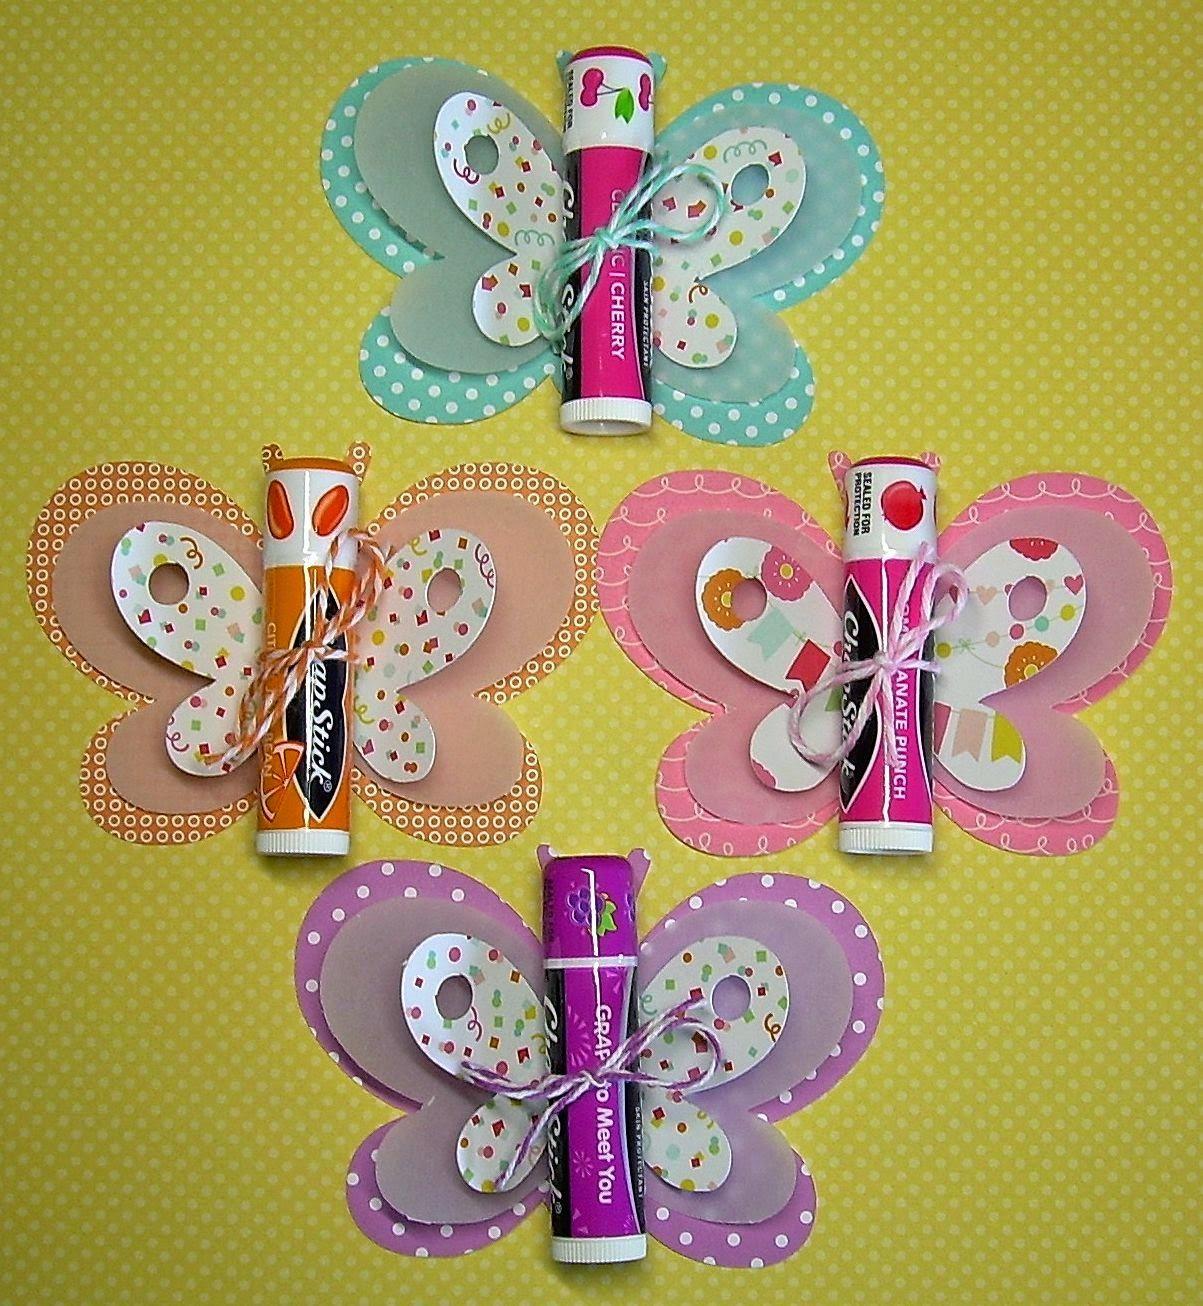 chapstick butterflies what a cute idea for a little girls party